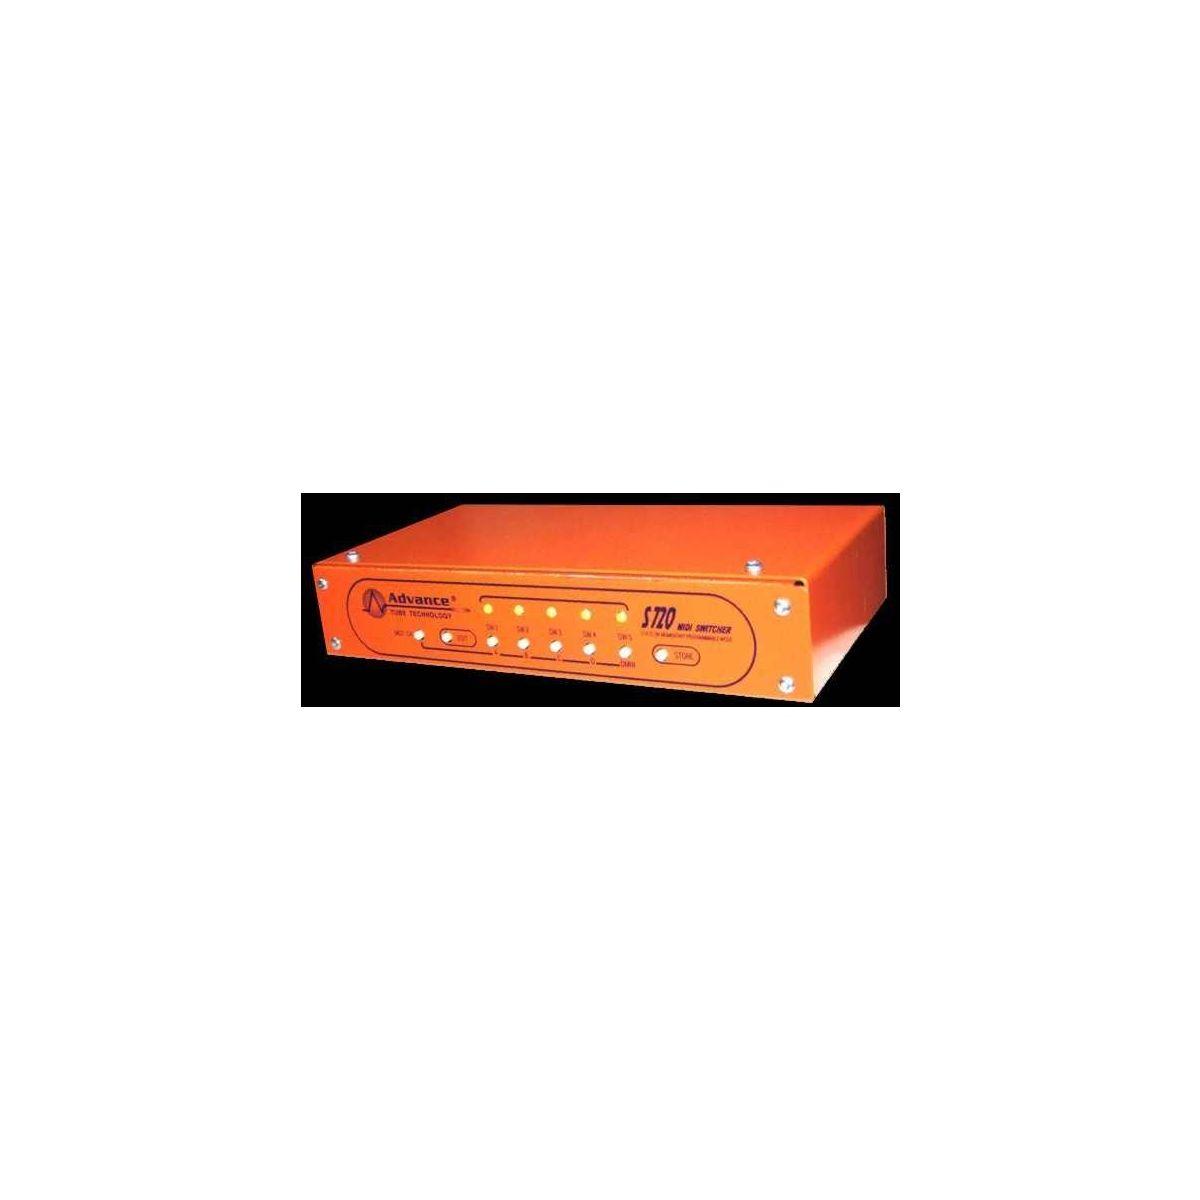 Midi switcher Advance S720